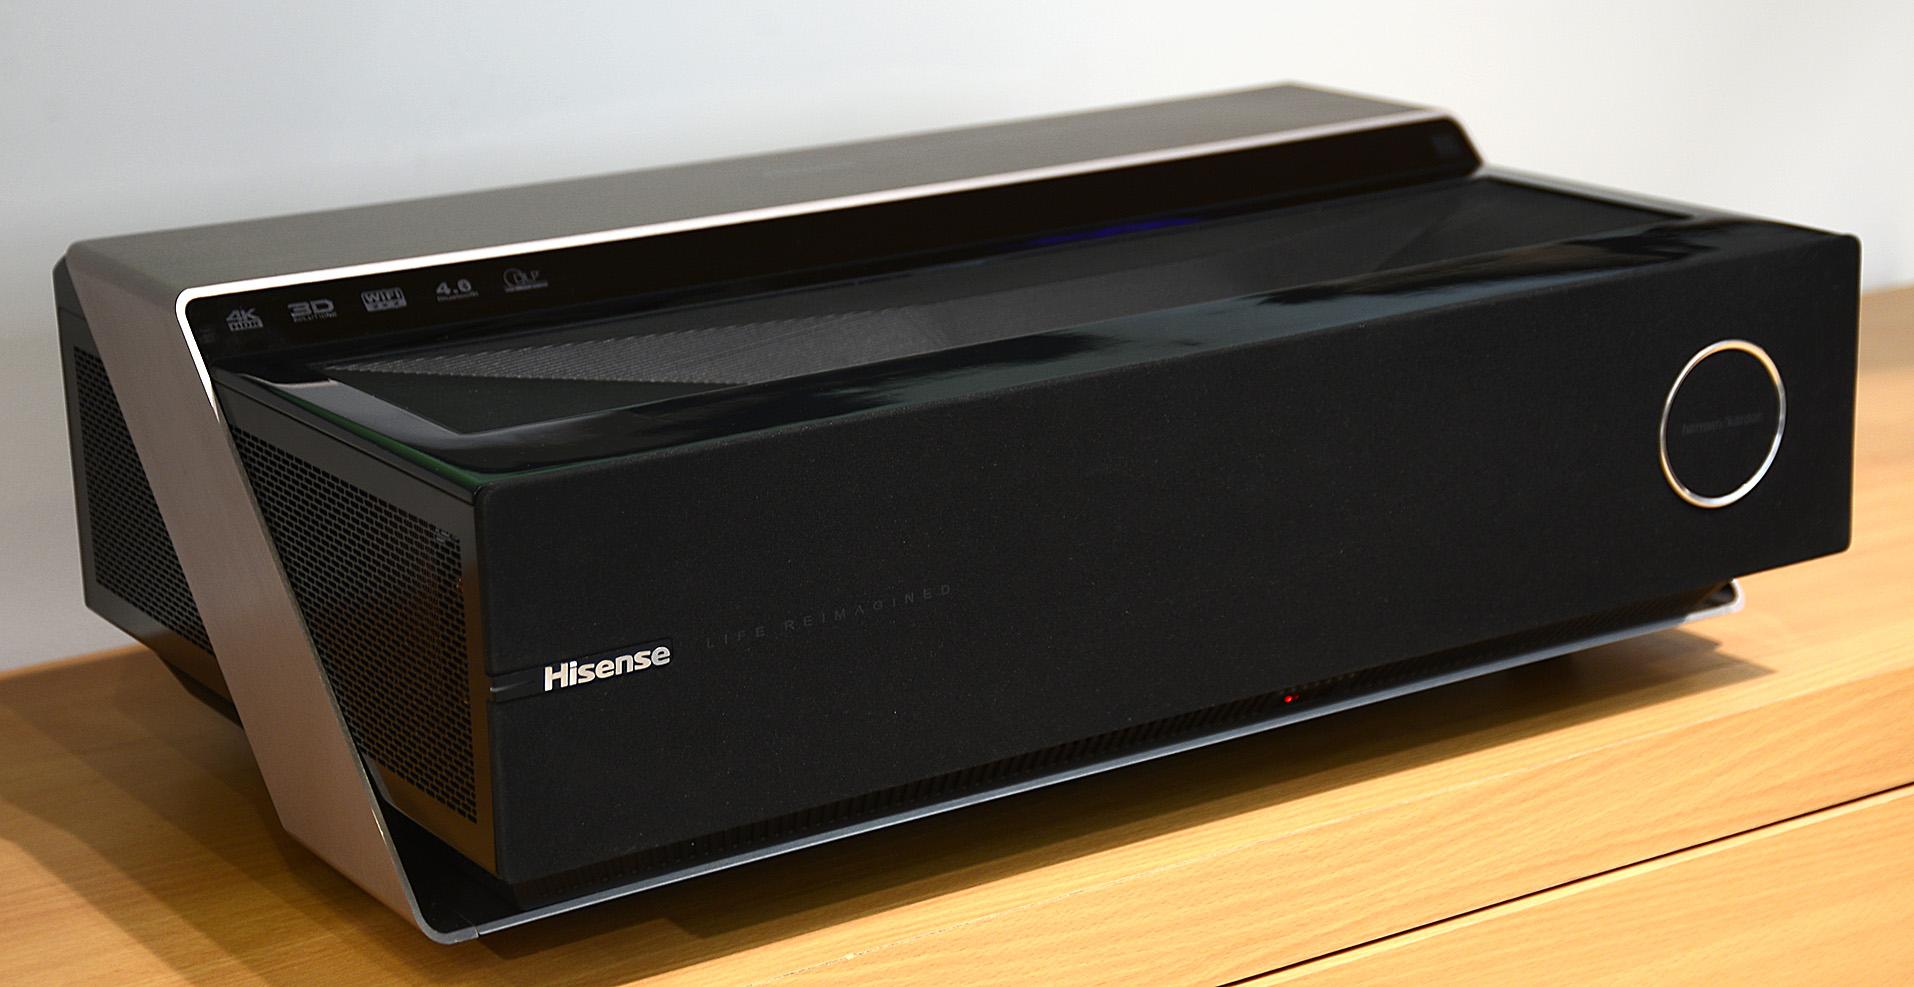 Foto: Michael B. Rehders Der Hisense 88L5 Laser-Projektor macht als 4K-TV-Ersatz auch optisch was her.